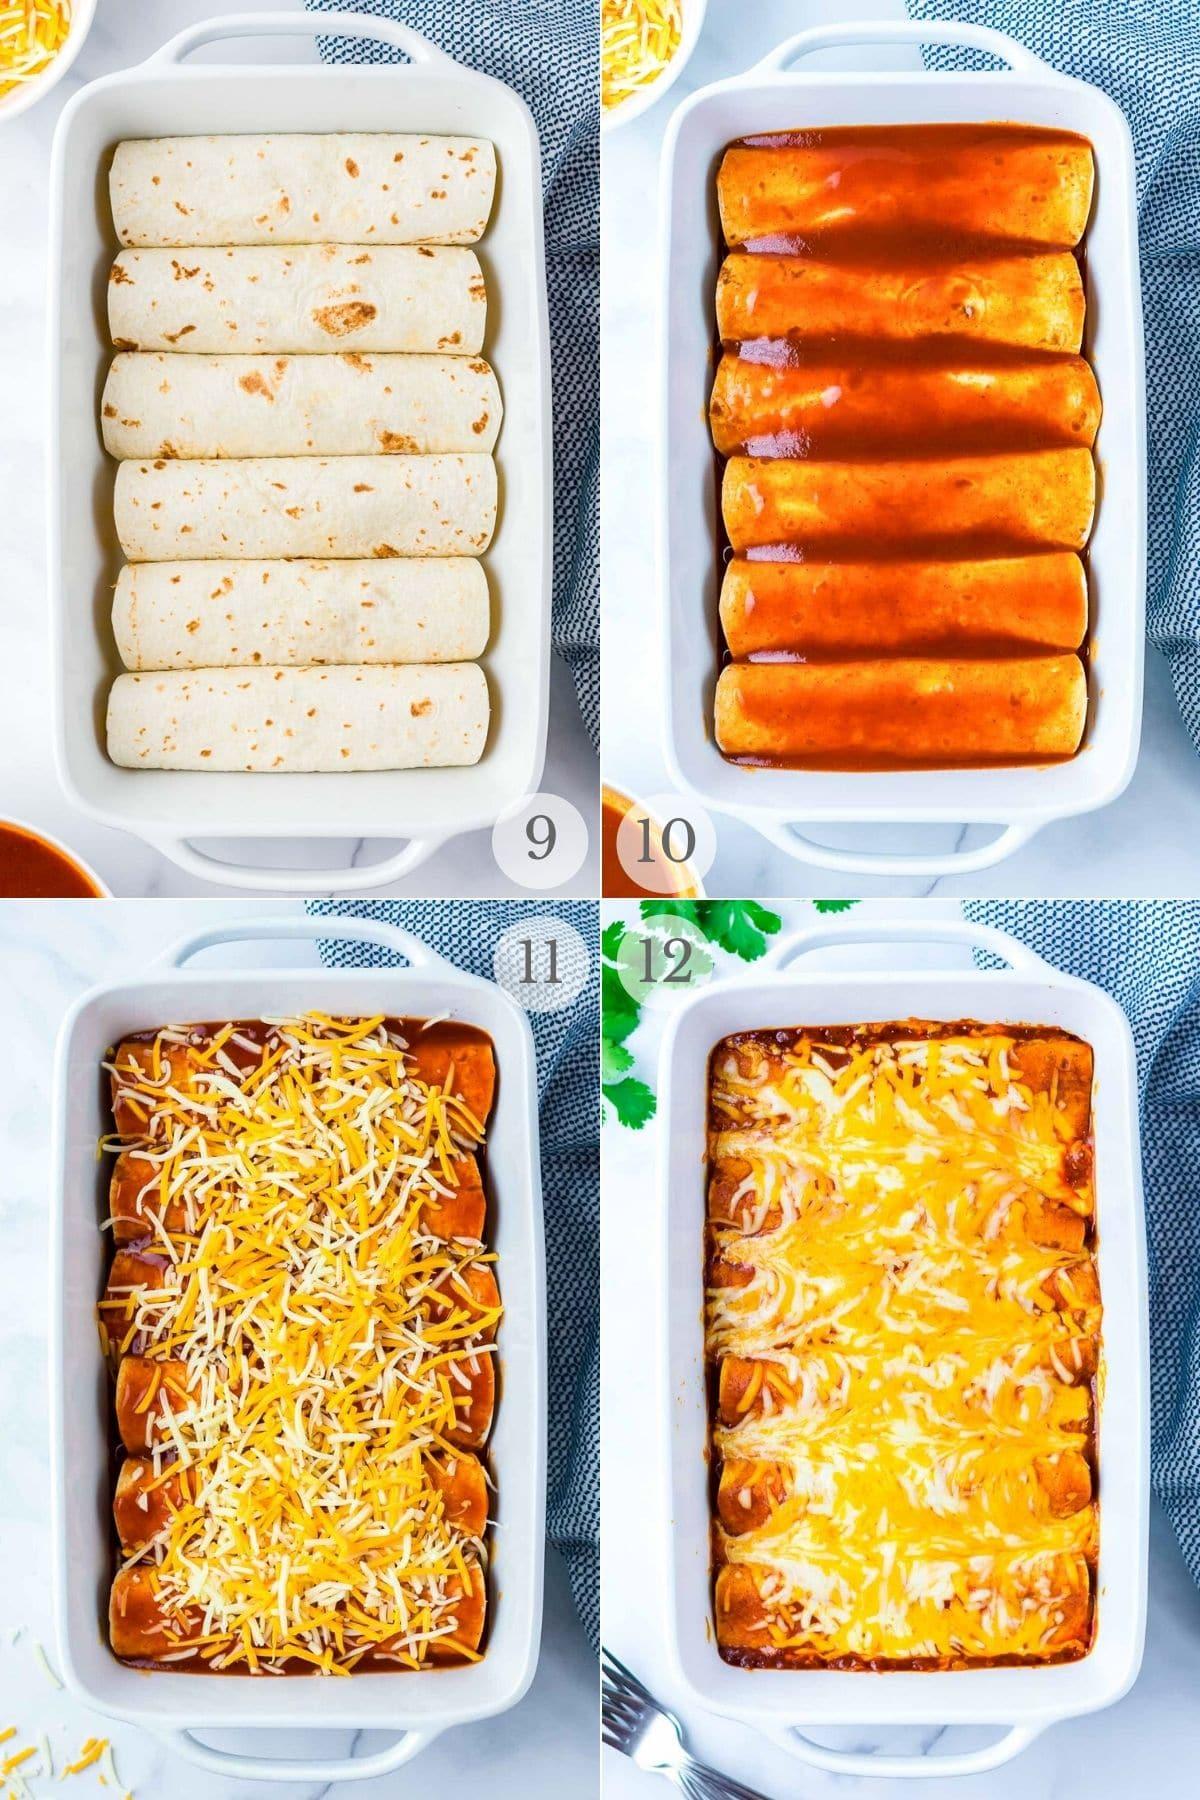 chicken enchiladas recipe steps 9-12